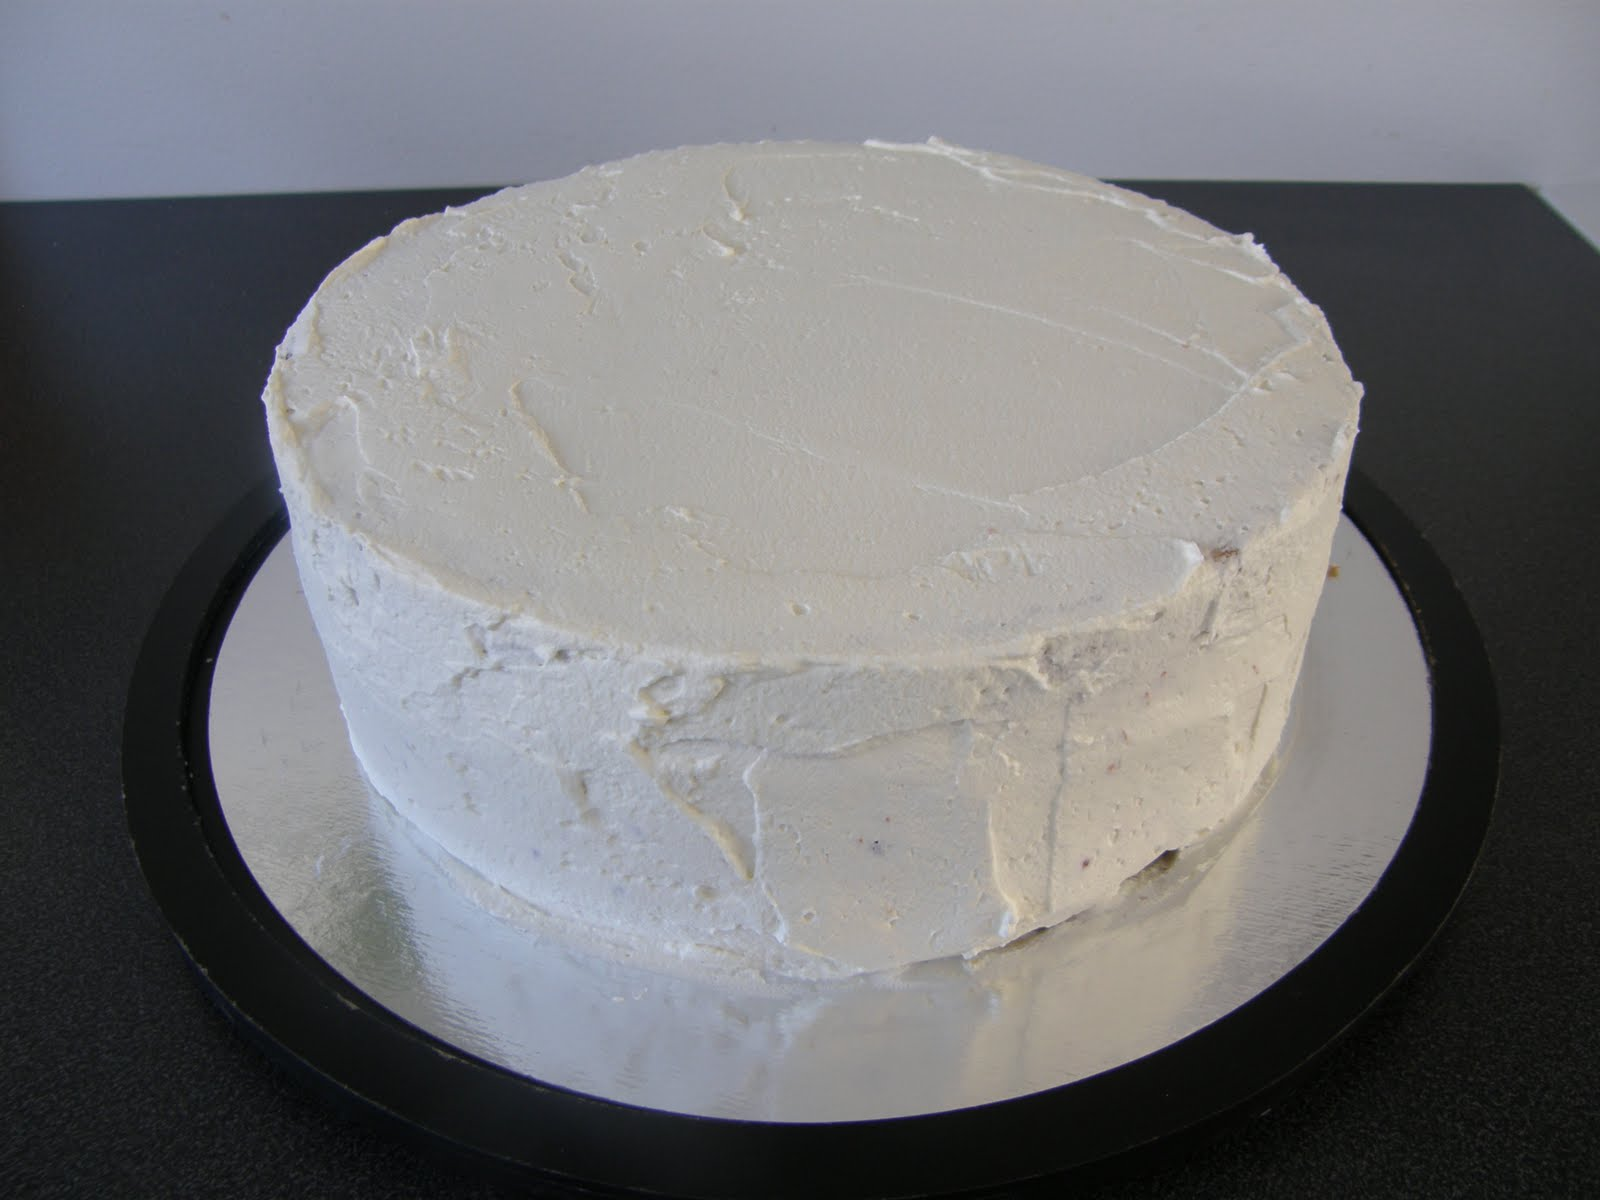 vispgrädde till tårta